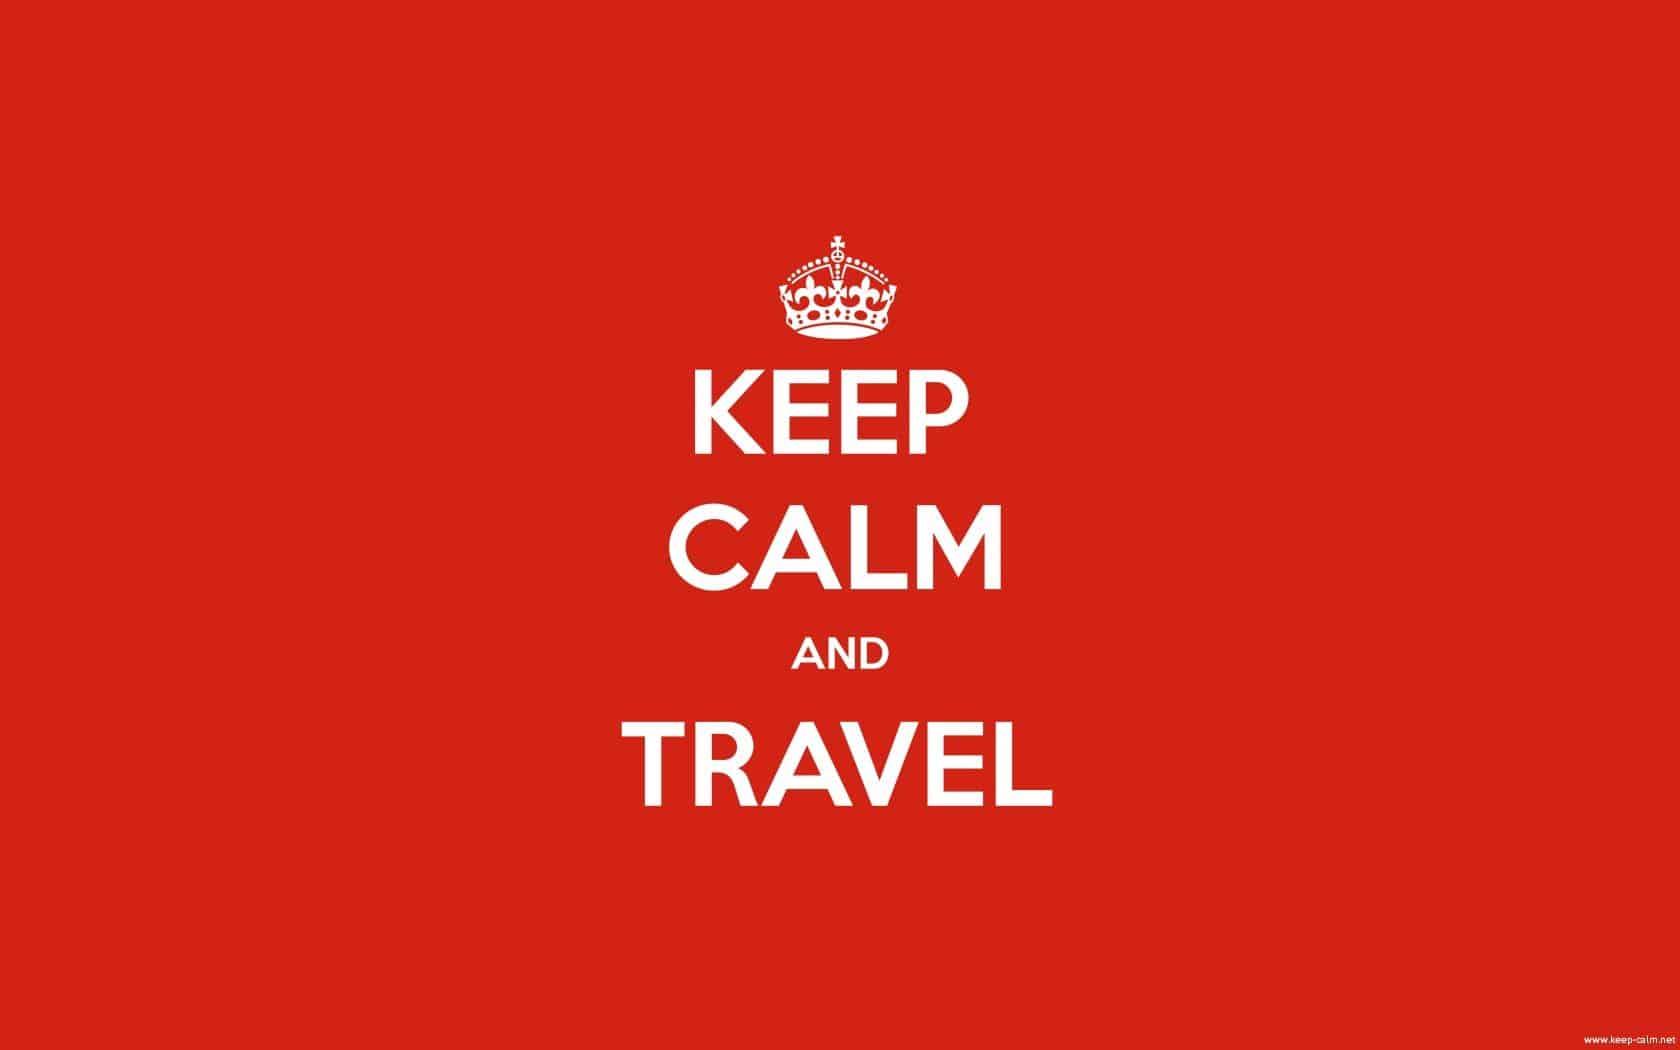 Les meilleurs «memes» de voyage